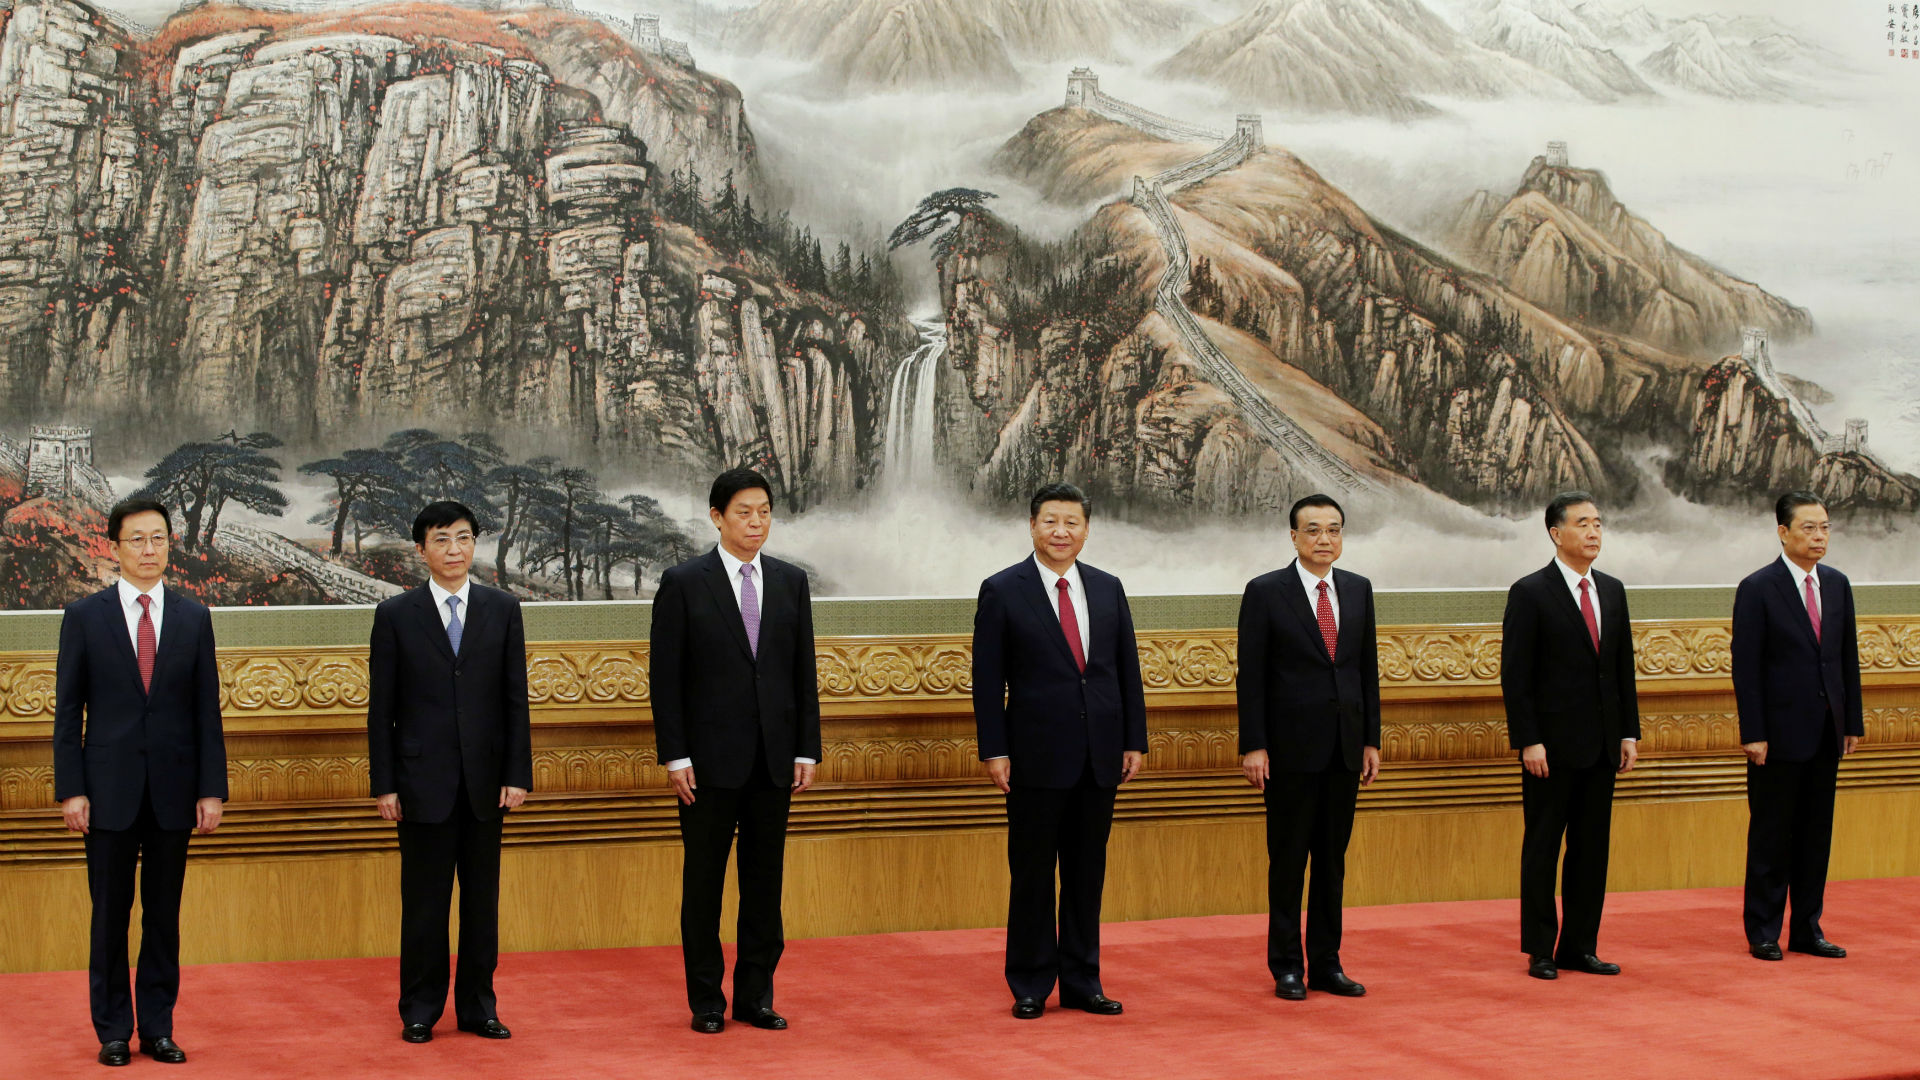 Press Association agentziak zabaldutako argazkian, Alderdi Komunistaren buruzagitza osatzen duten zazpi nagusiak, erdian dutela Xi Jinping (64 urte). Gainerako seiak dira: Li Keqiang (62) lehen ministroa, Li Zhanshu (67) bulego politikoko burua, Wang Yang